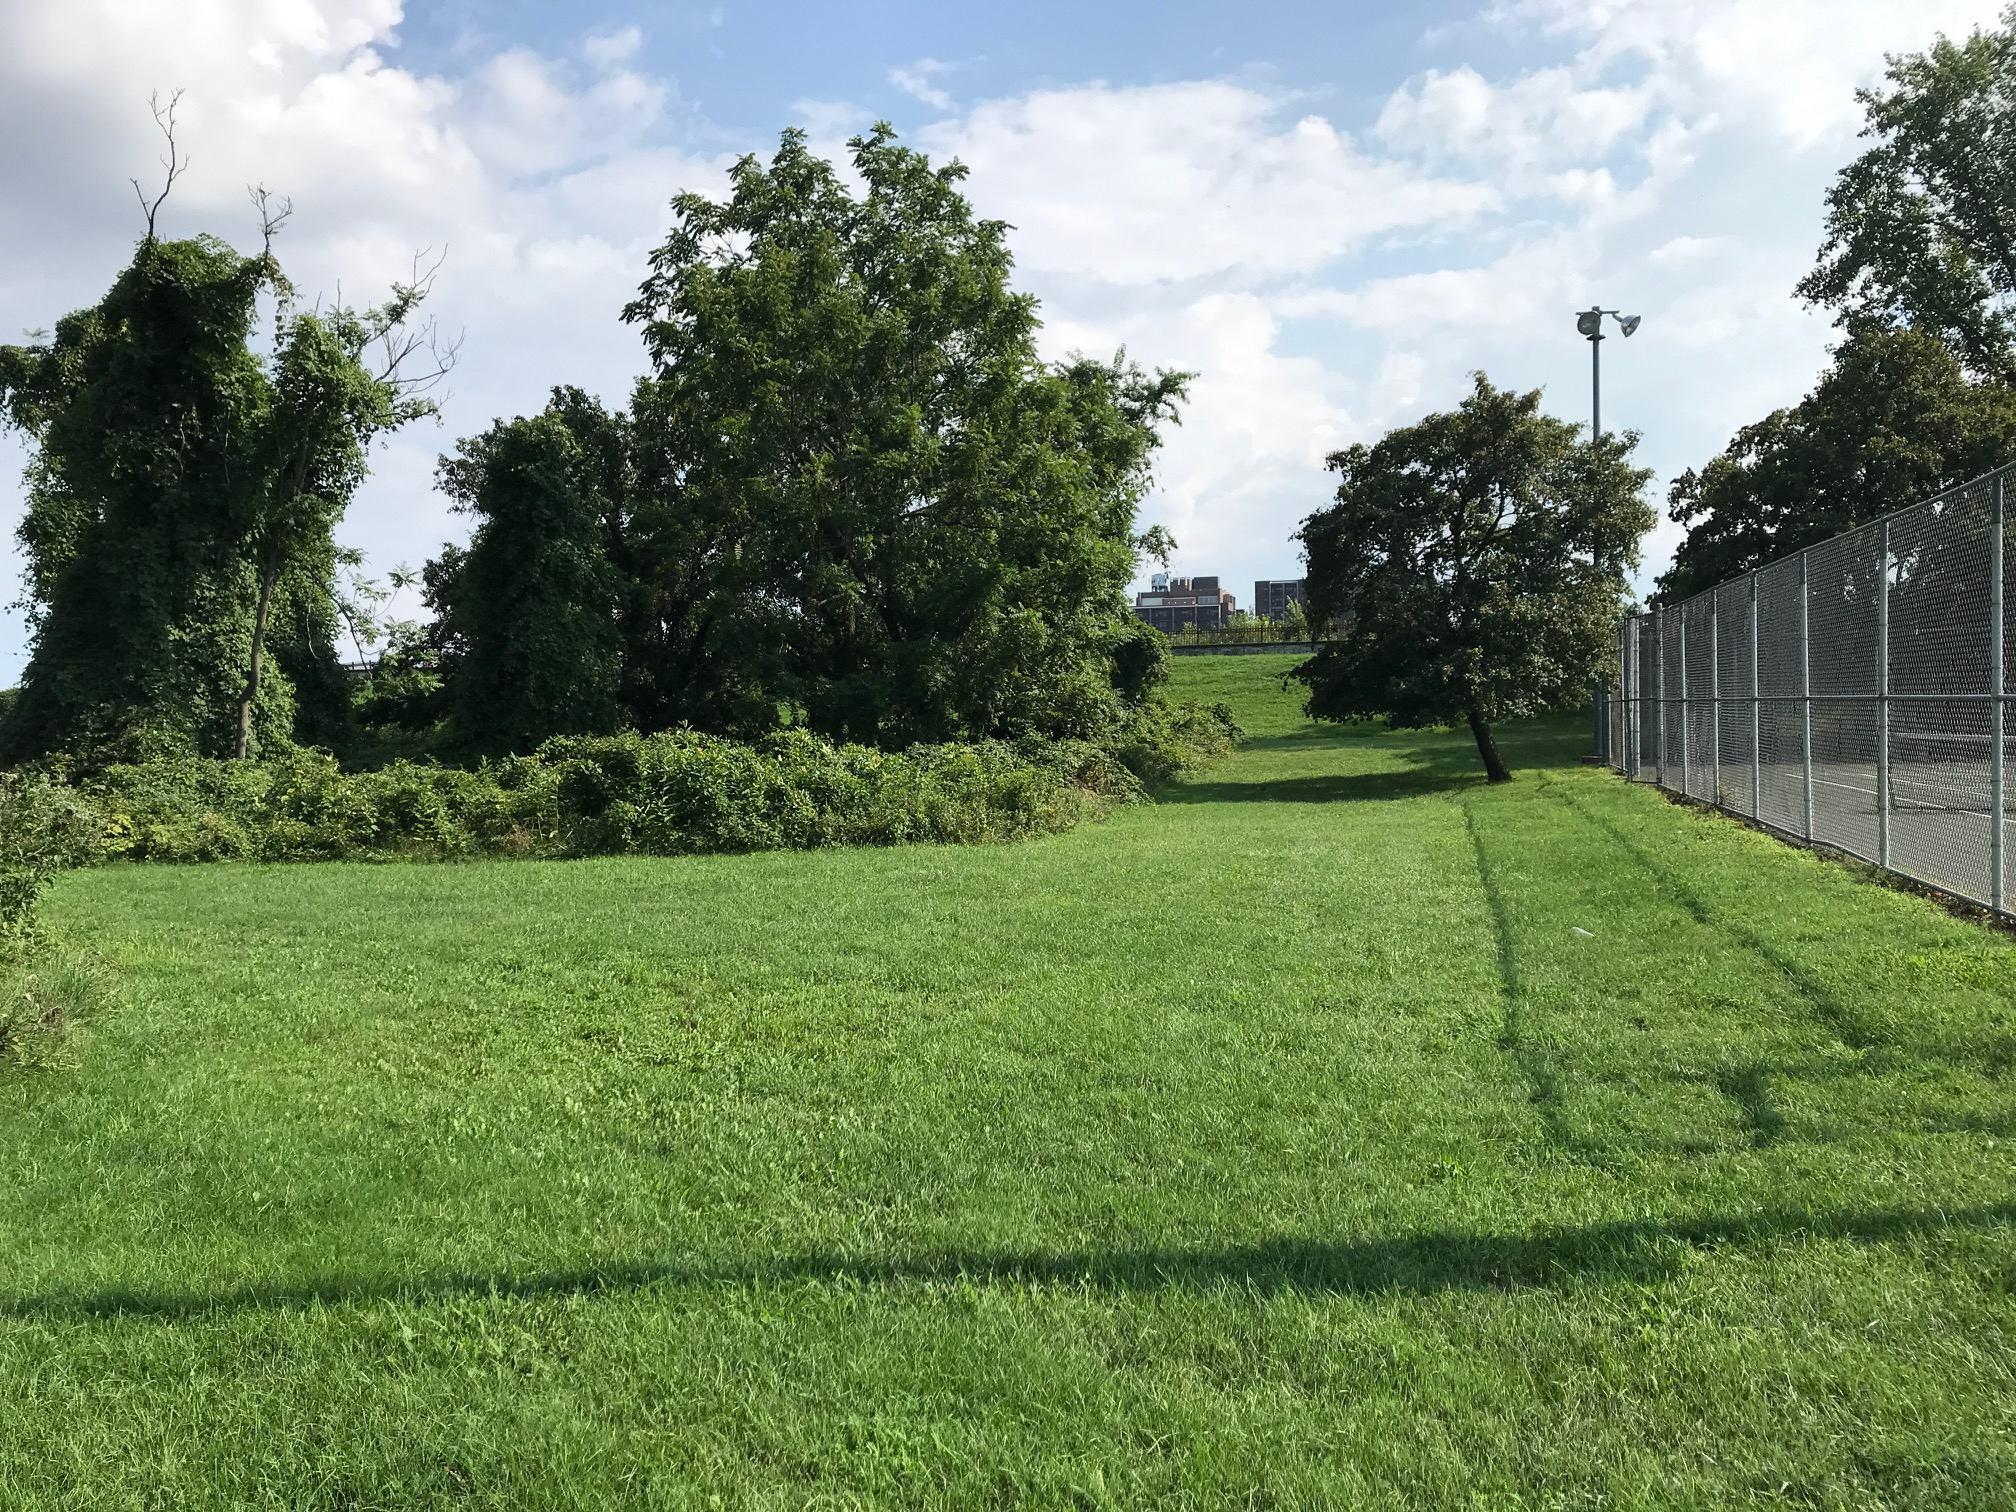 druid hill park parking lot shed site